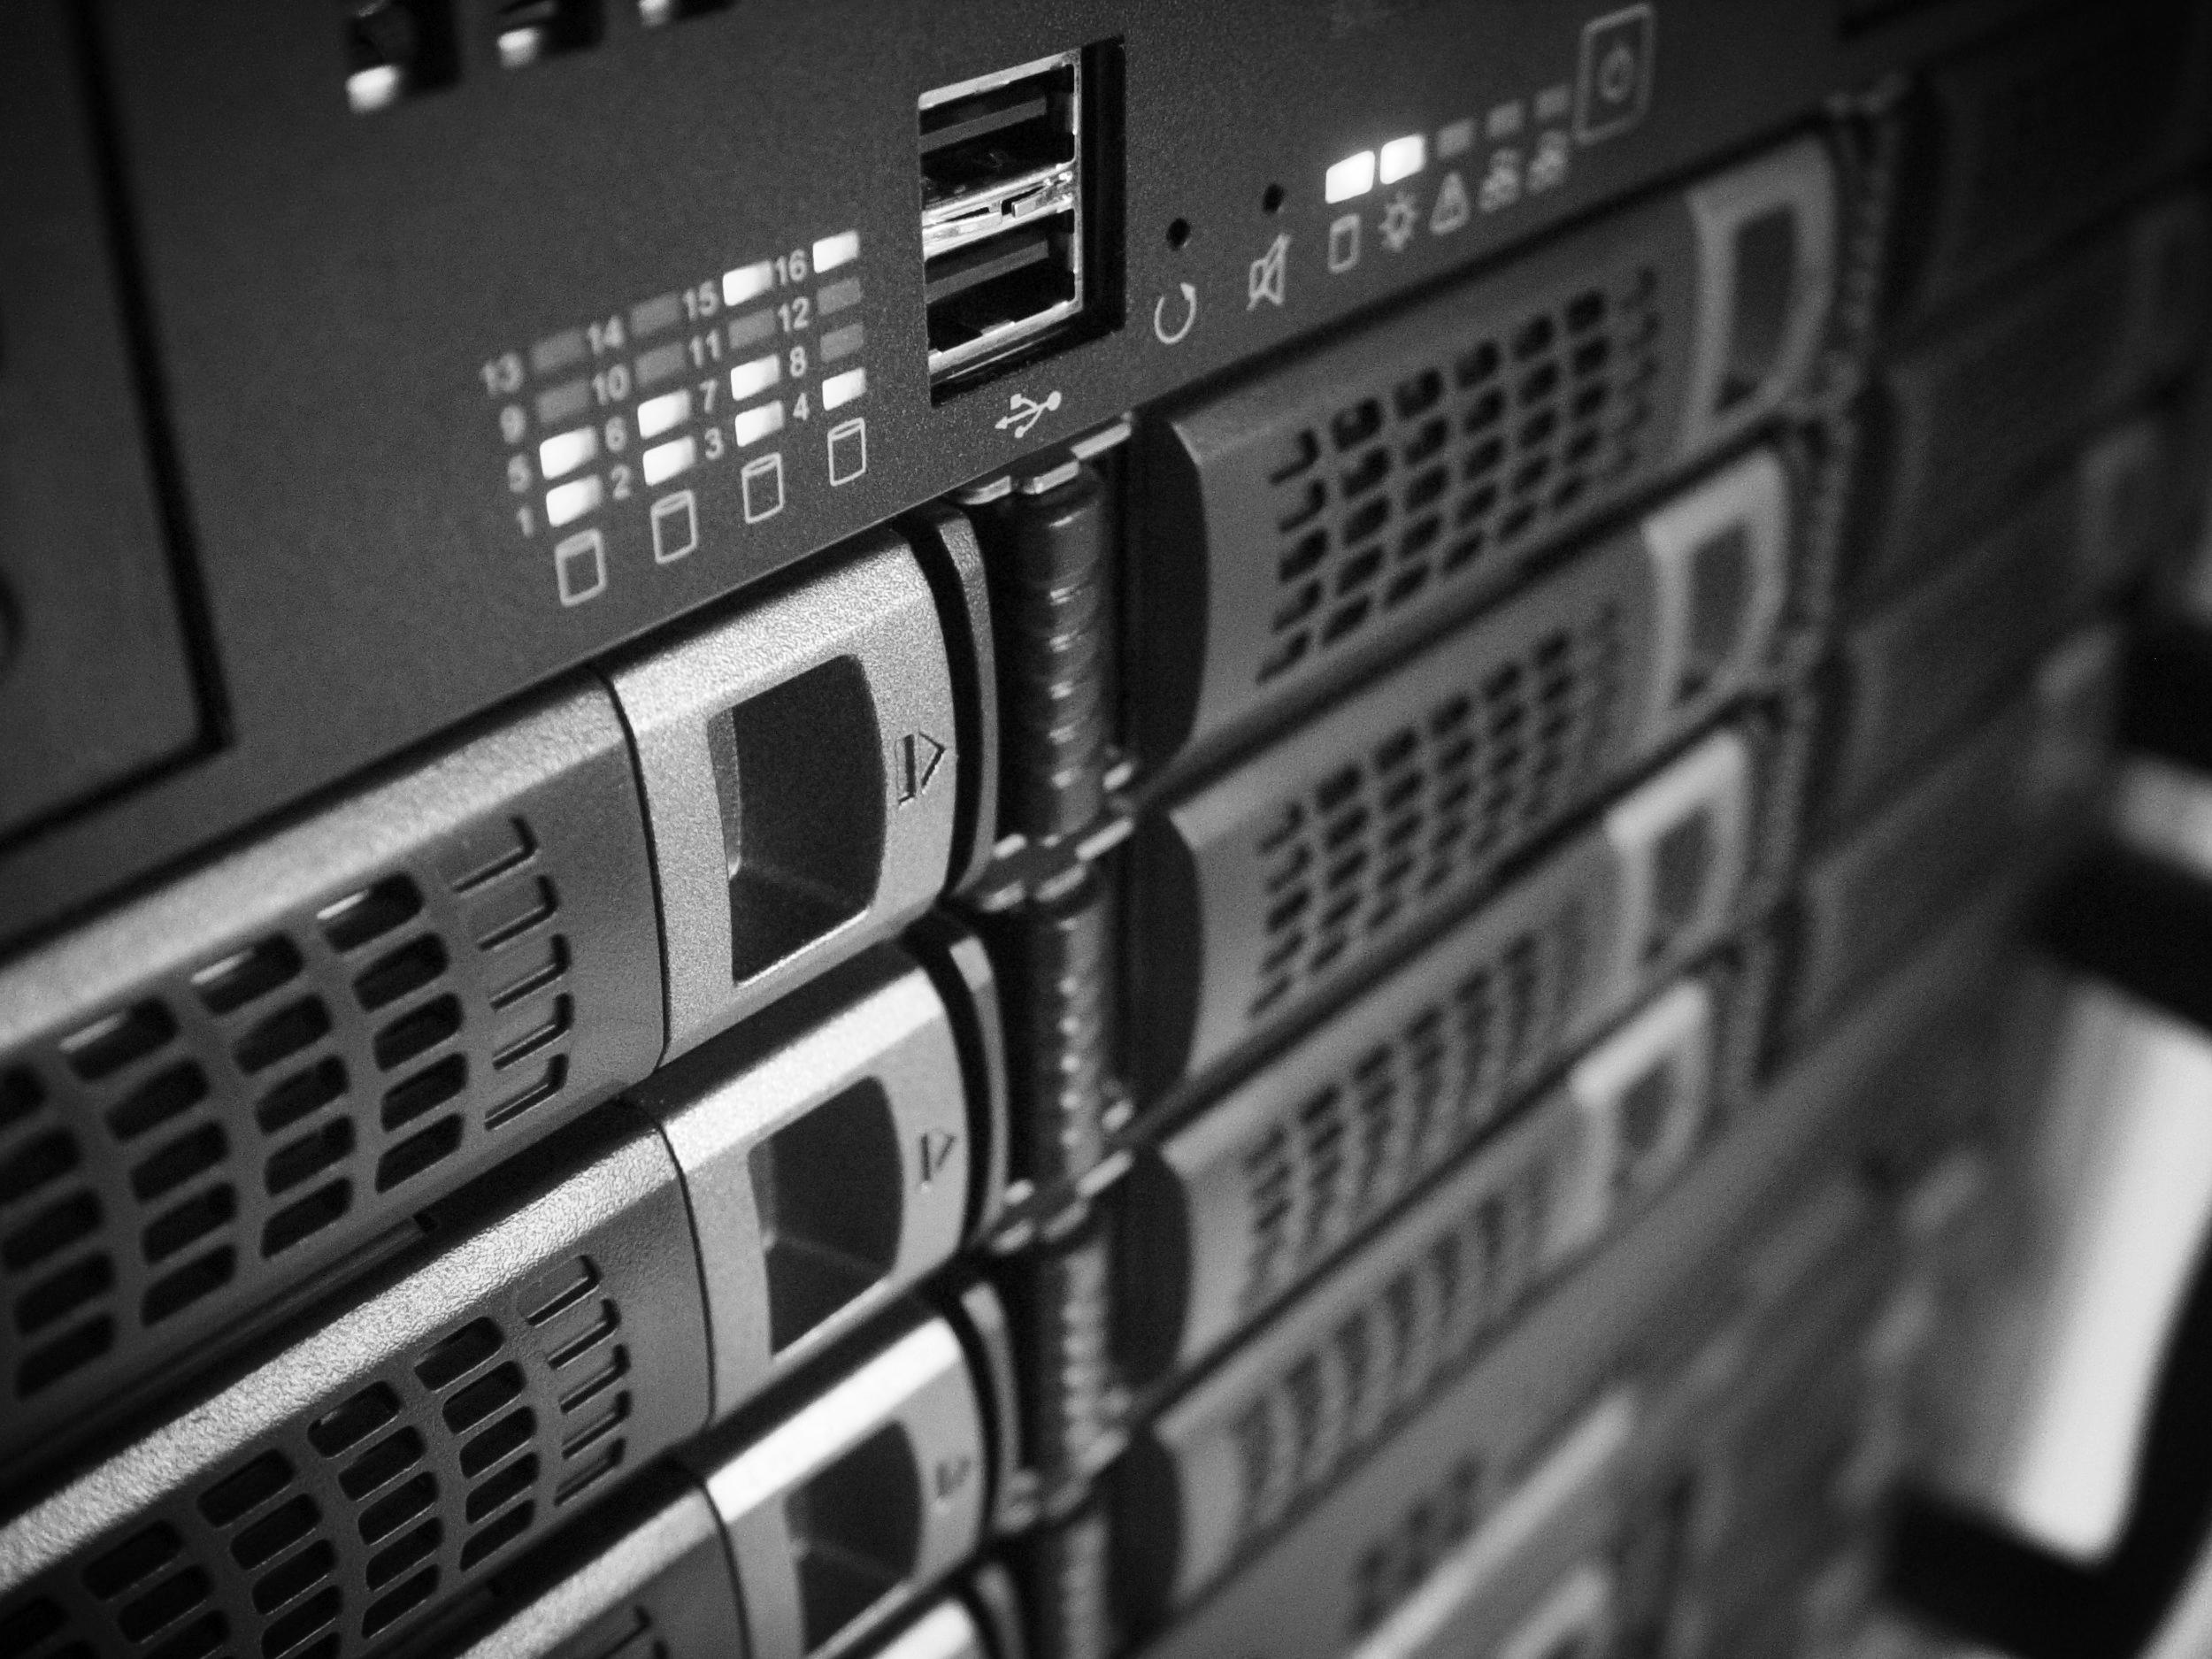 servers_in_rack_old.jpeg